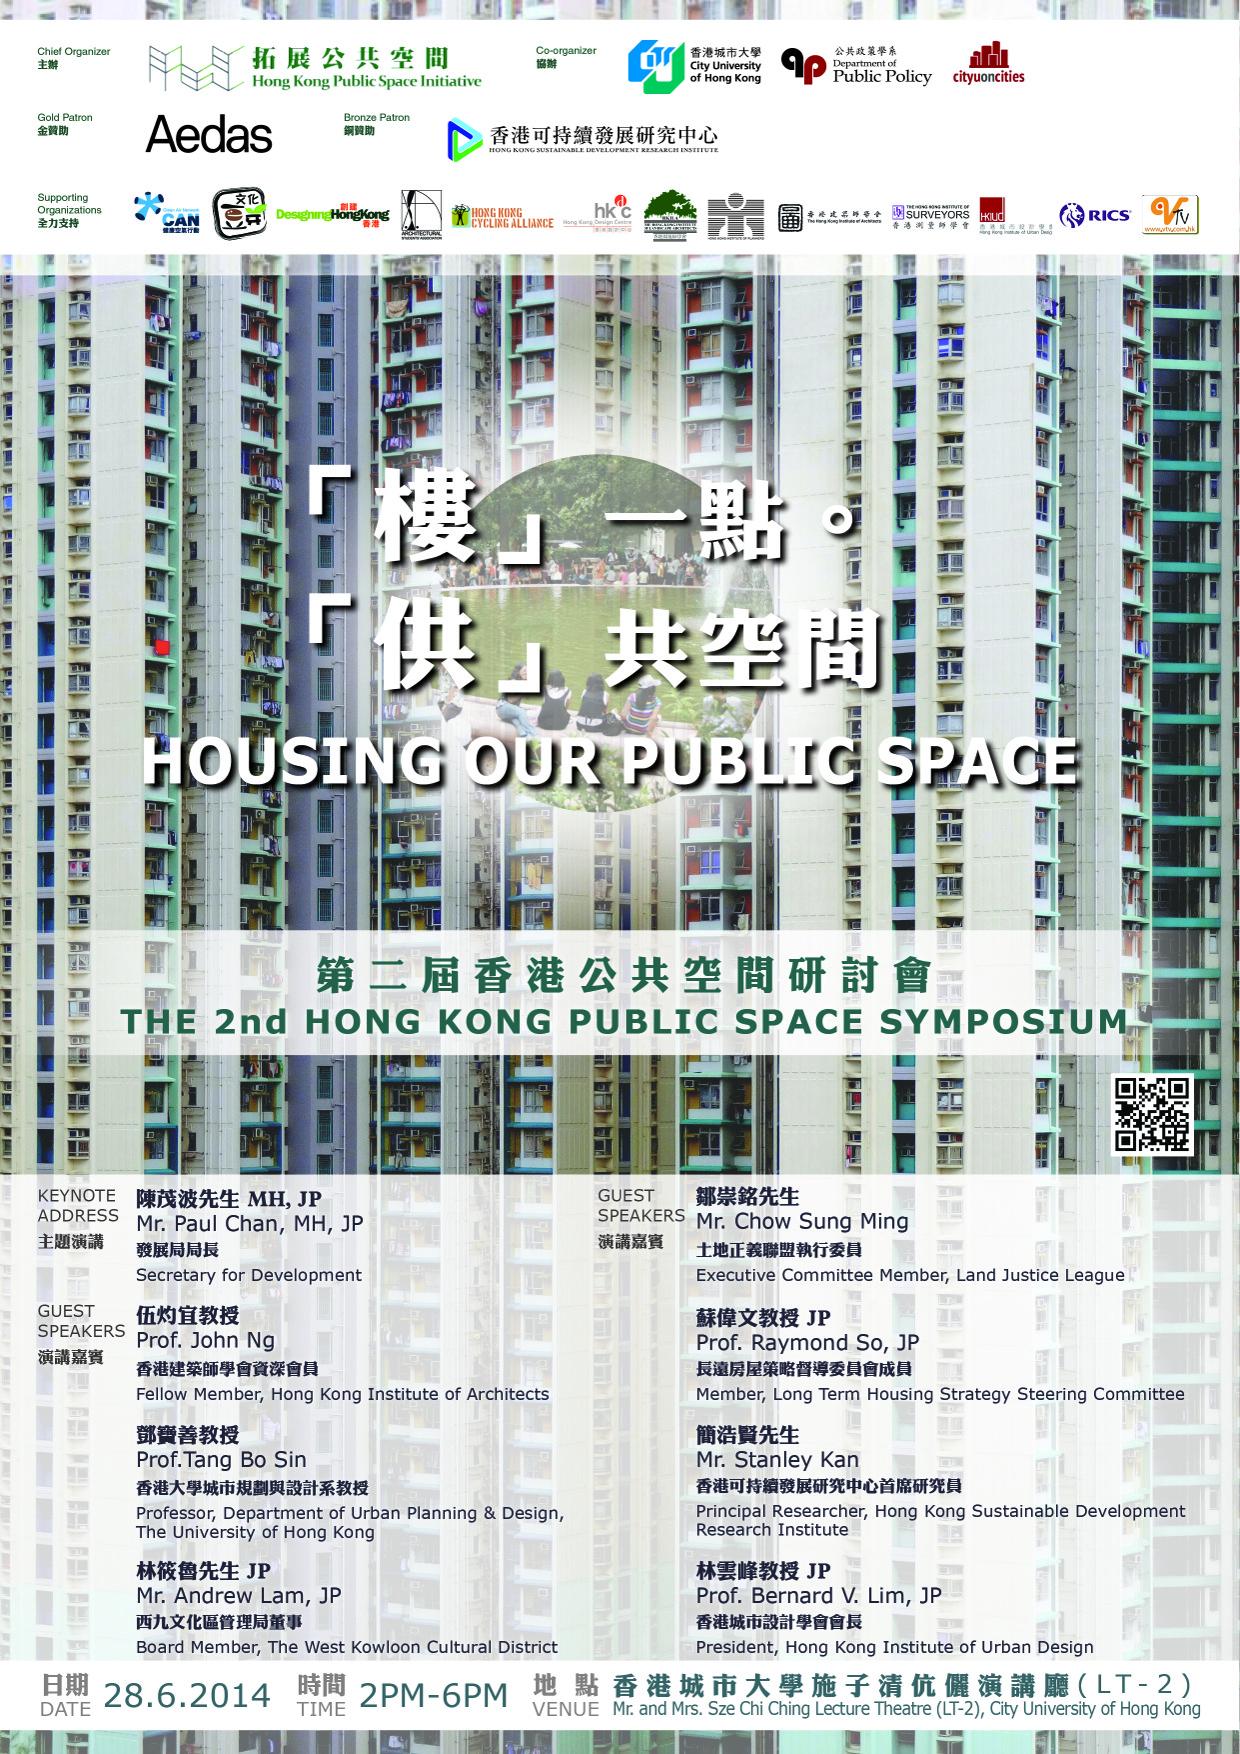 symposium-poster_8.7